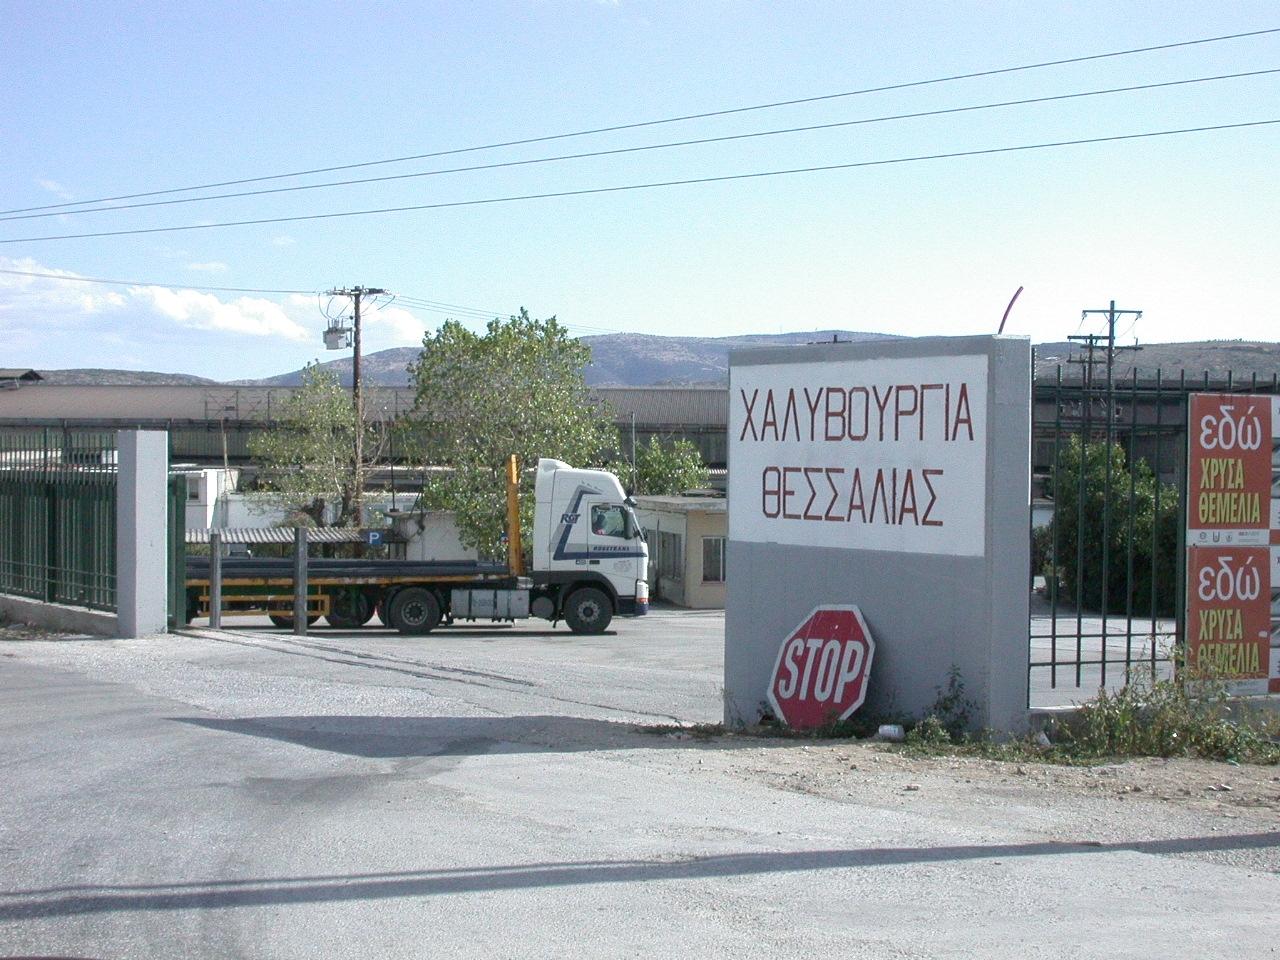 Σβήνει σήμερα τις μηχανές η Χαλυβουργία και 300 εργαζόμενοι μπαίνουν σε αναστολή εργασίας